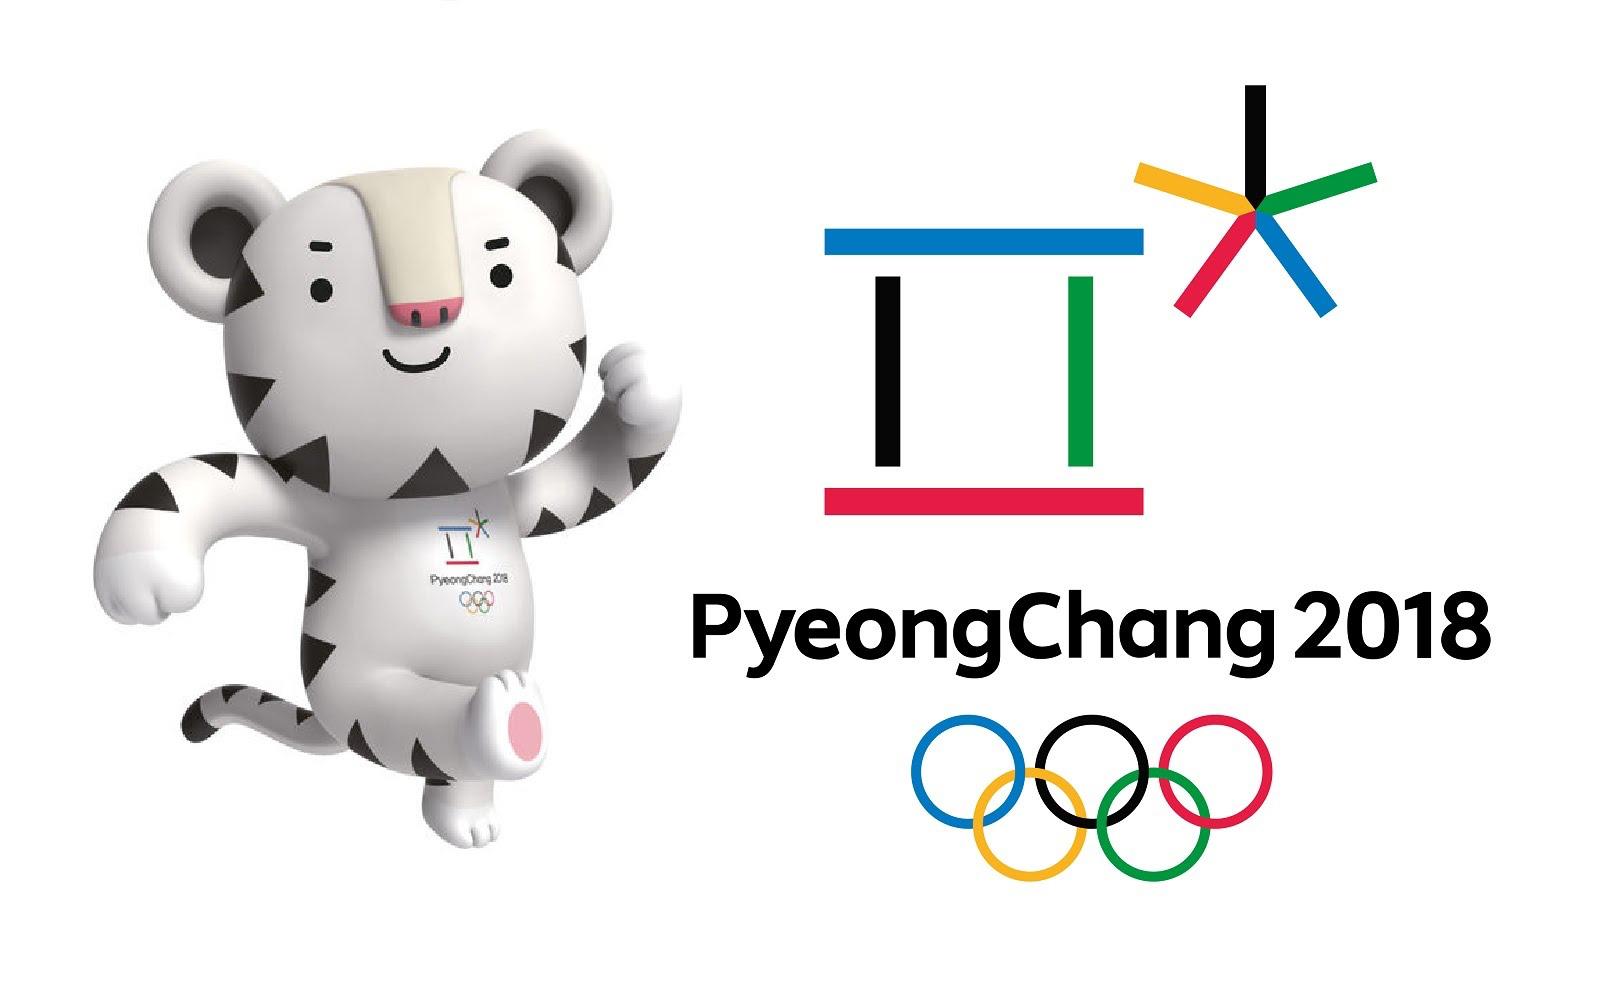 私的ブログ…始まったピョンチャンオリンピック…編_d0132688_09570184.jpg